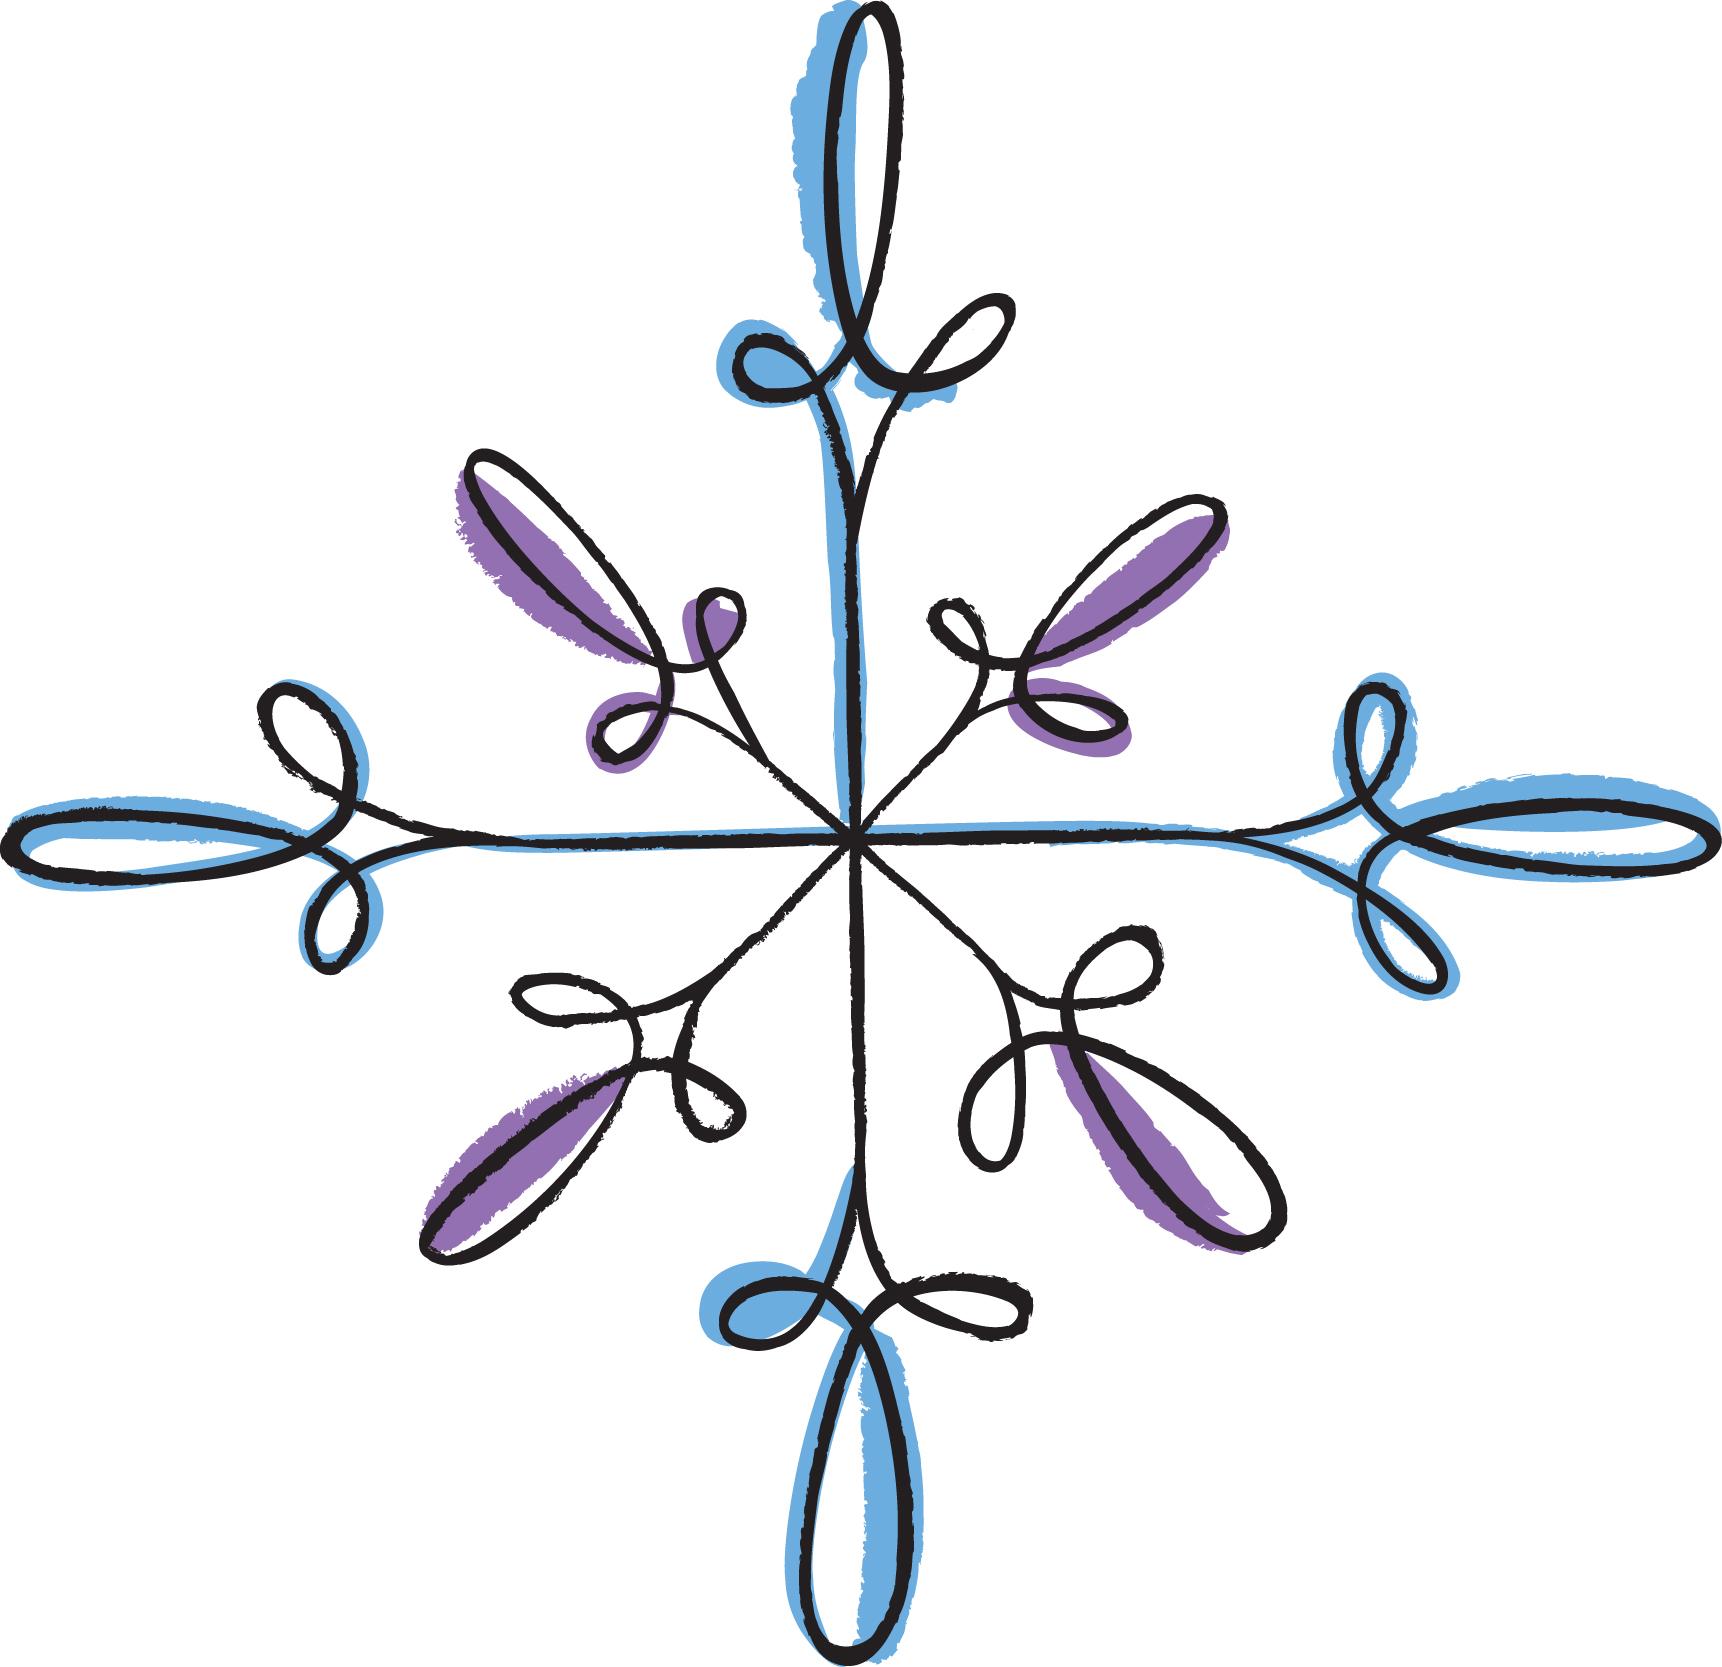 Snowflake_1_HiRes[1].jpg